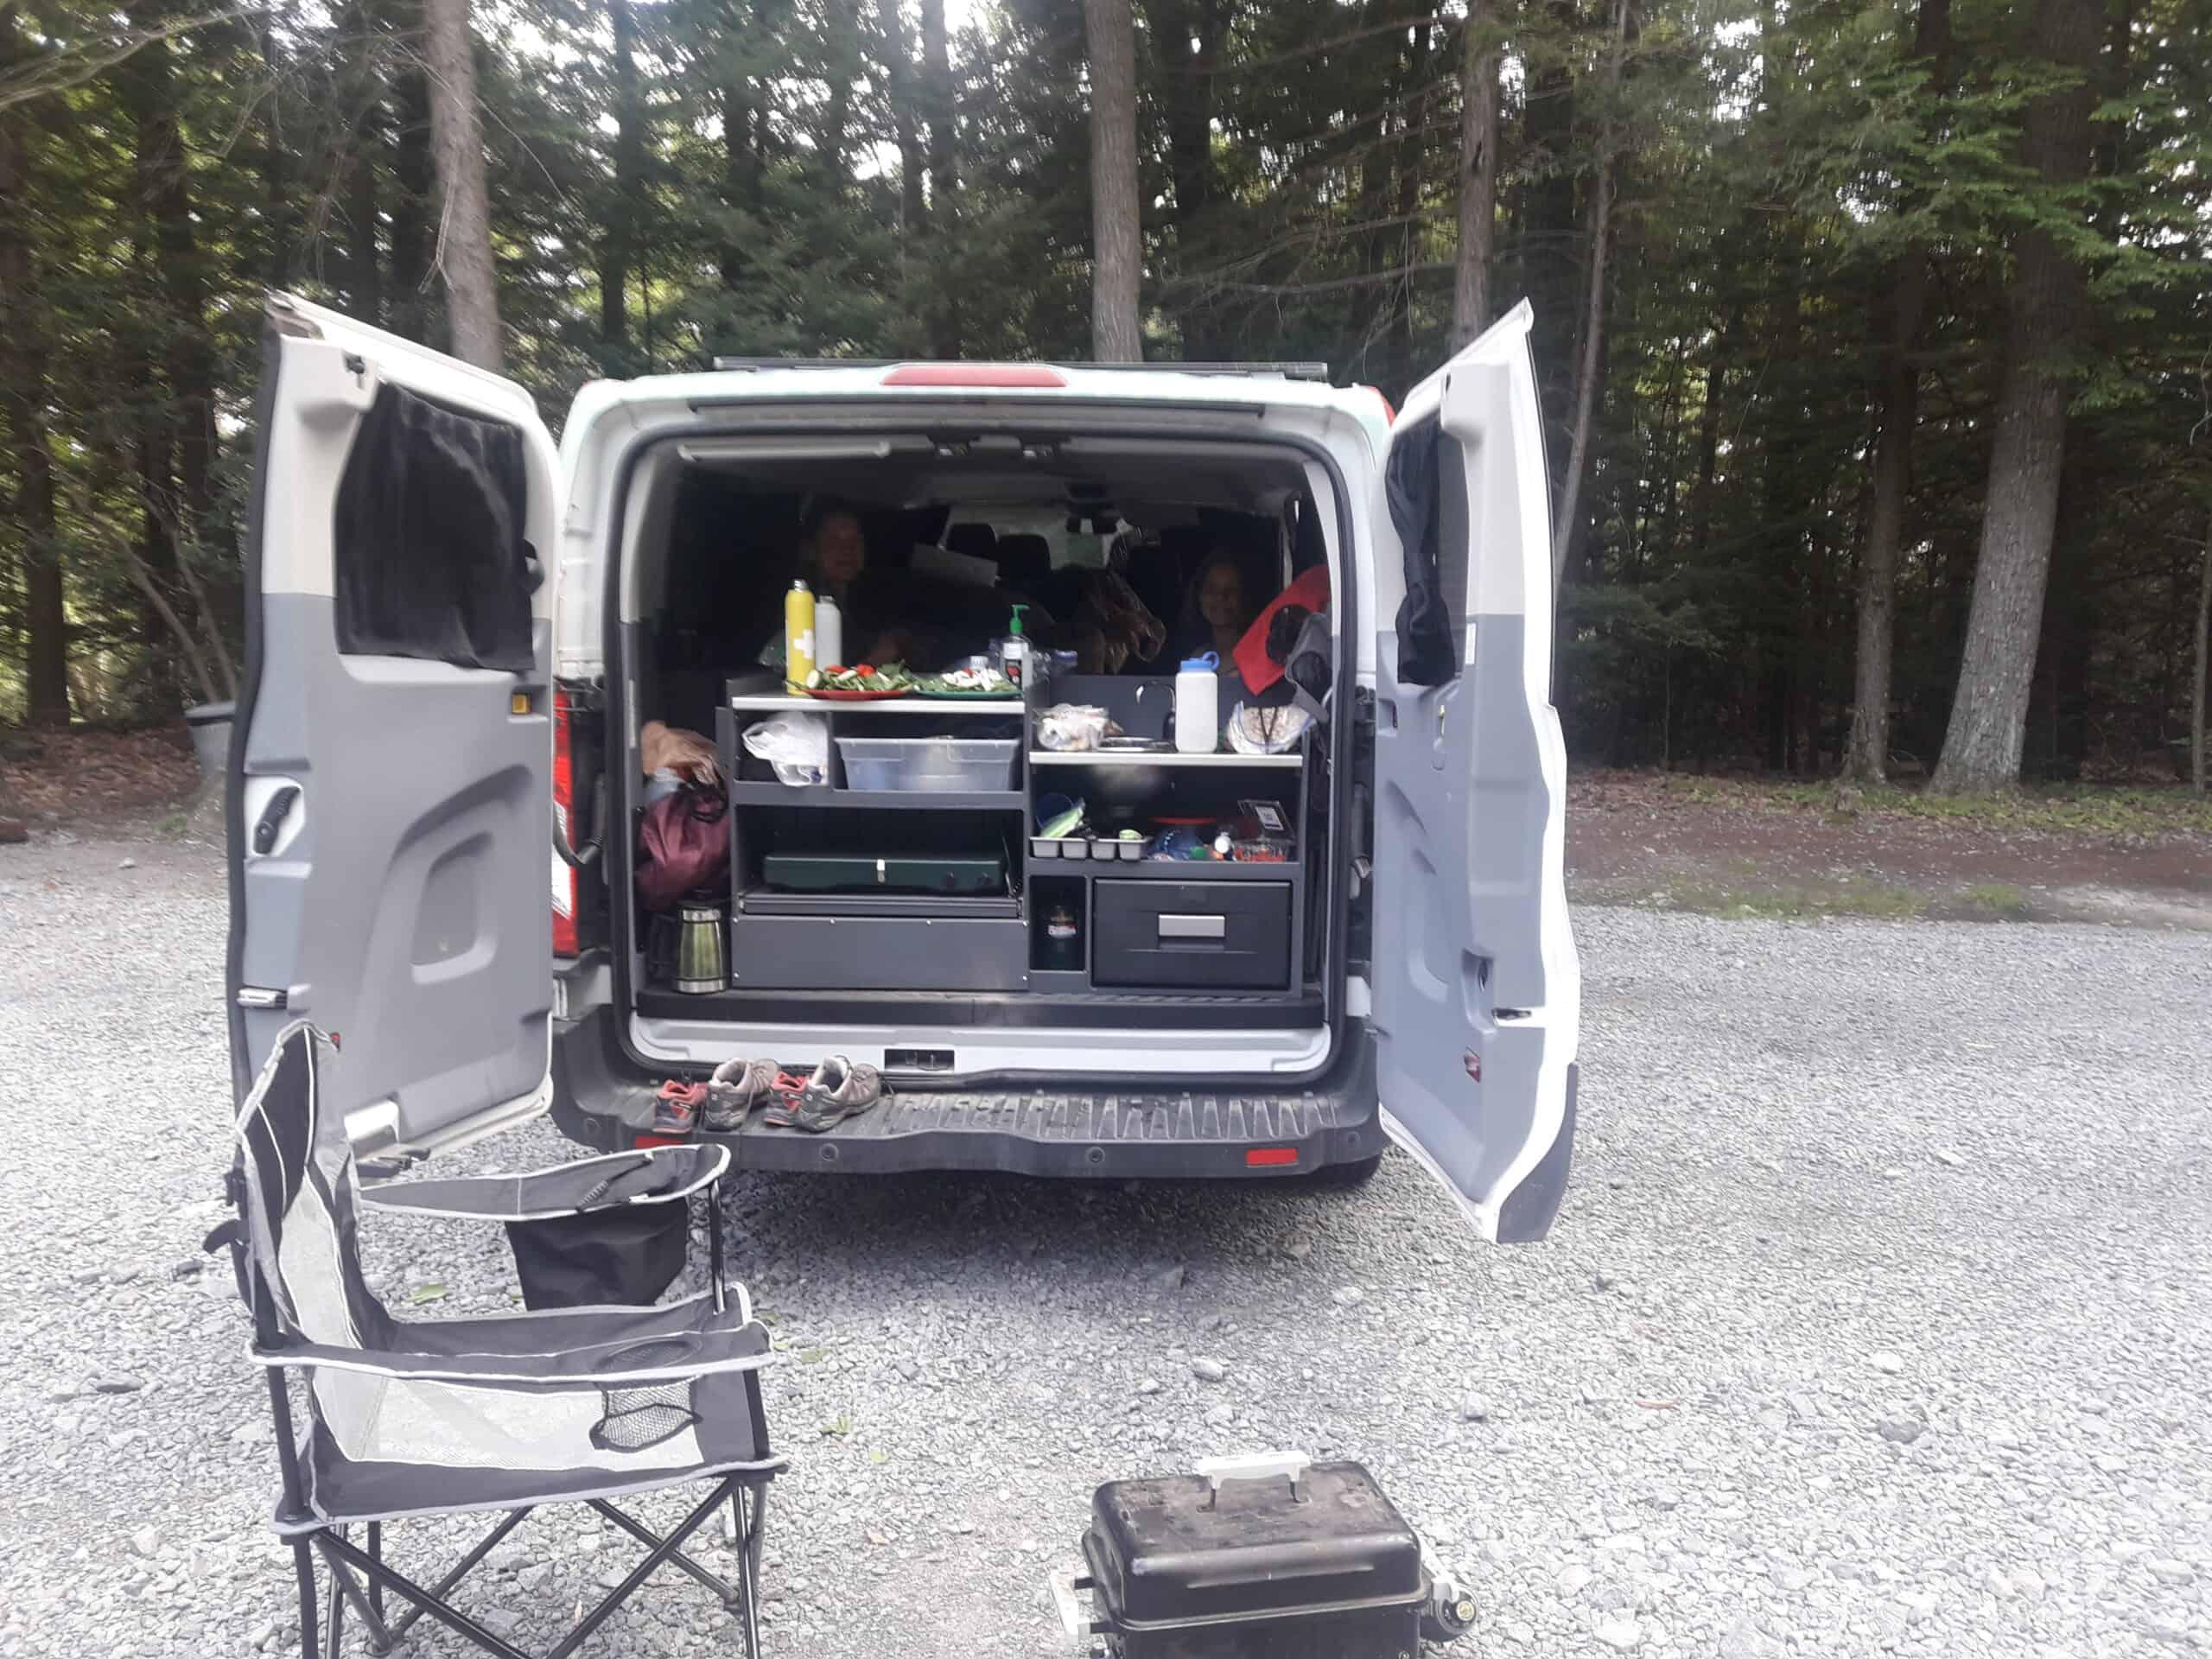 van cooking